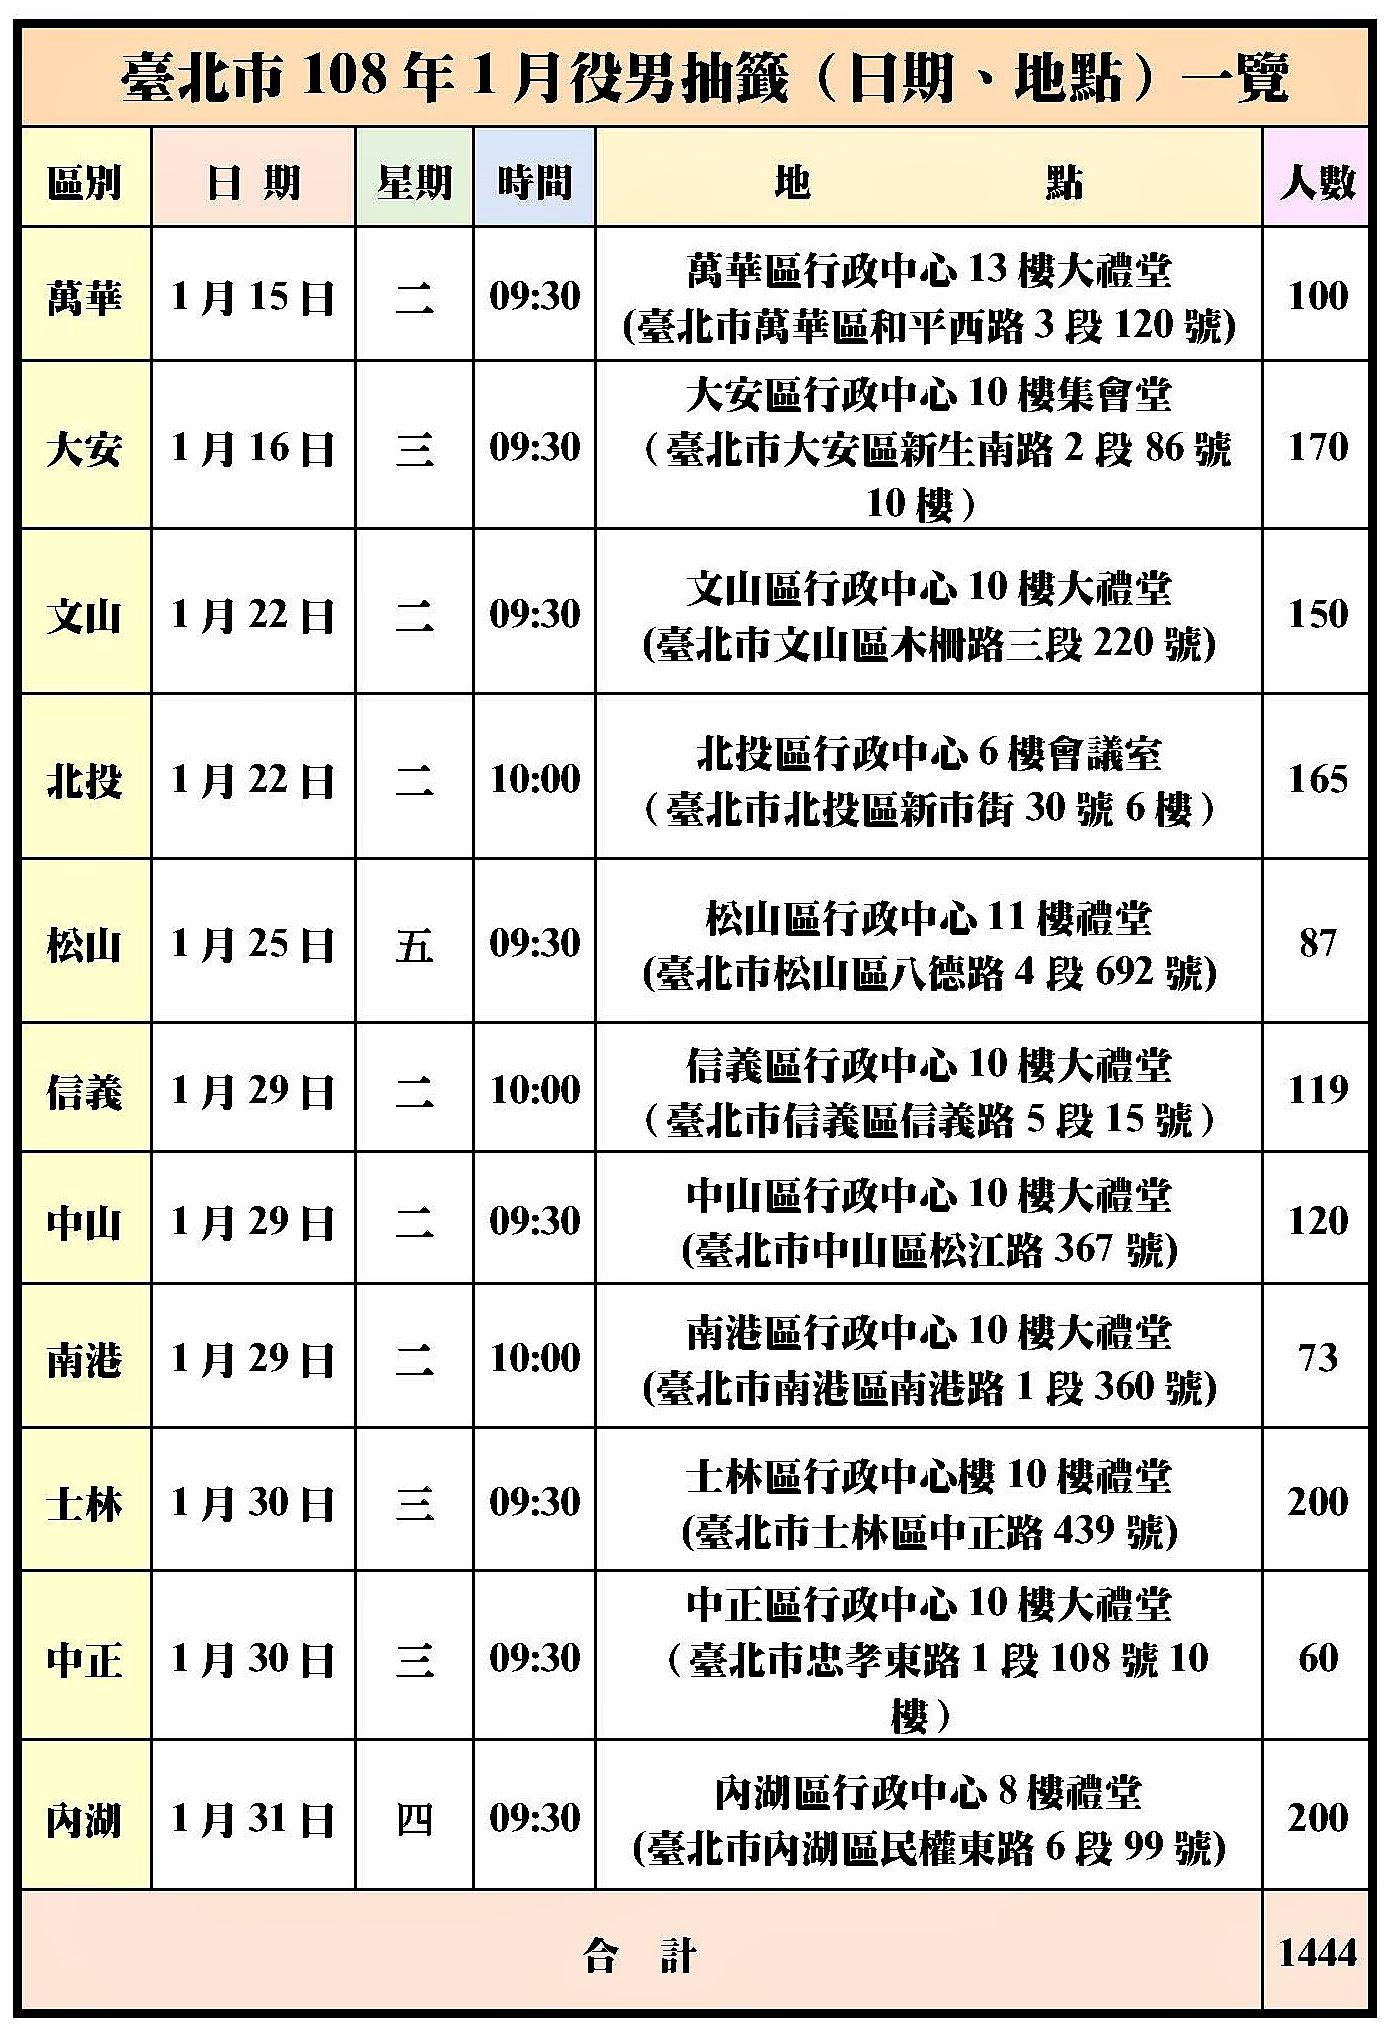 臺北市108年1月役男抽籤(日期、地點)一覽